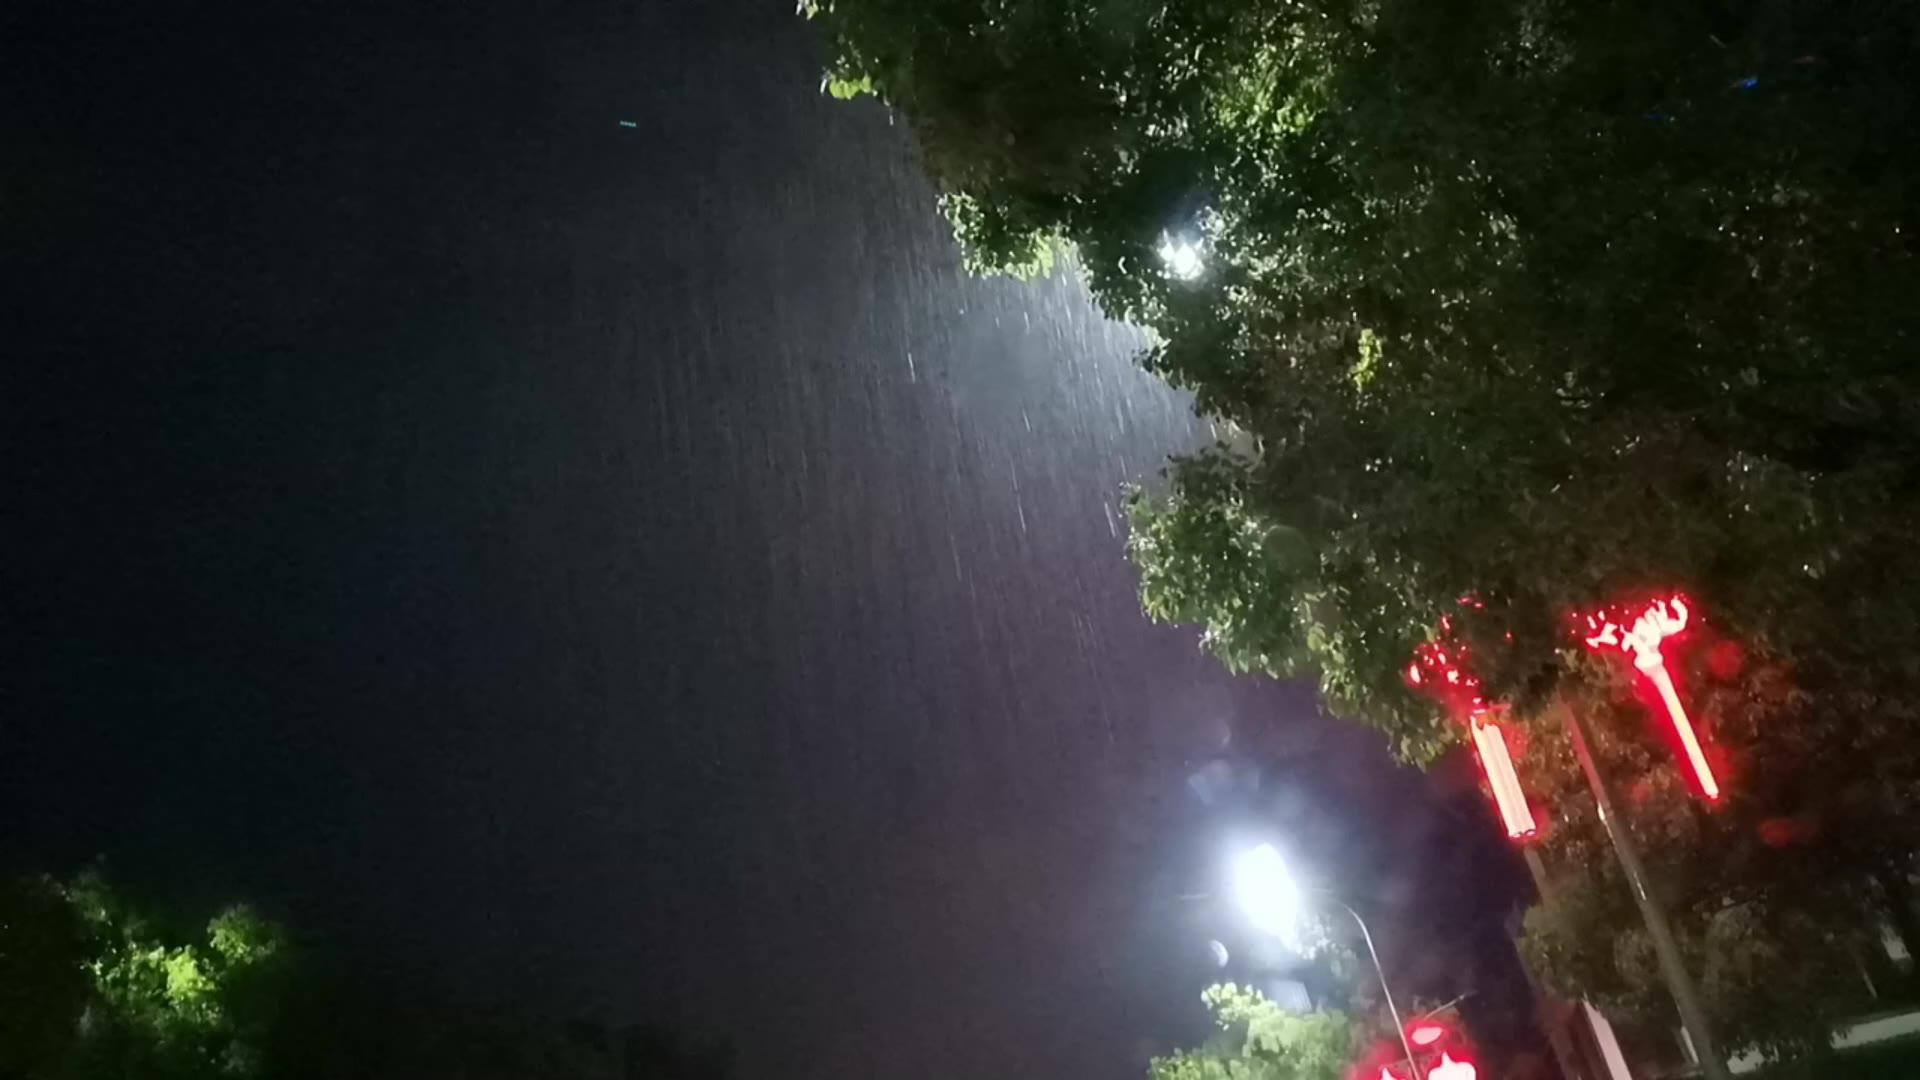 【摸鱼】下了一天--大大大大大雨